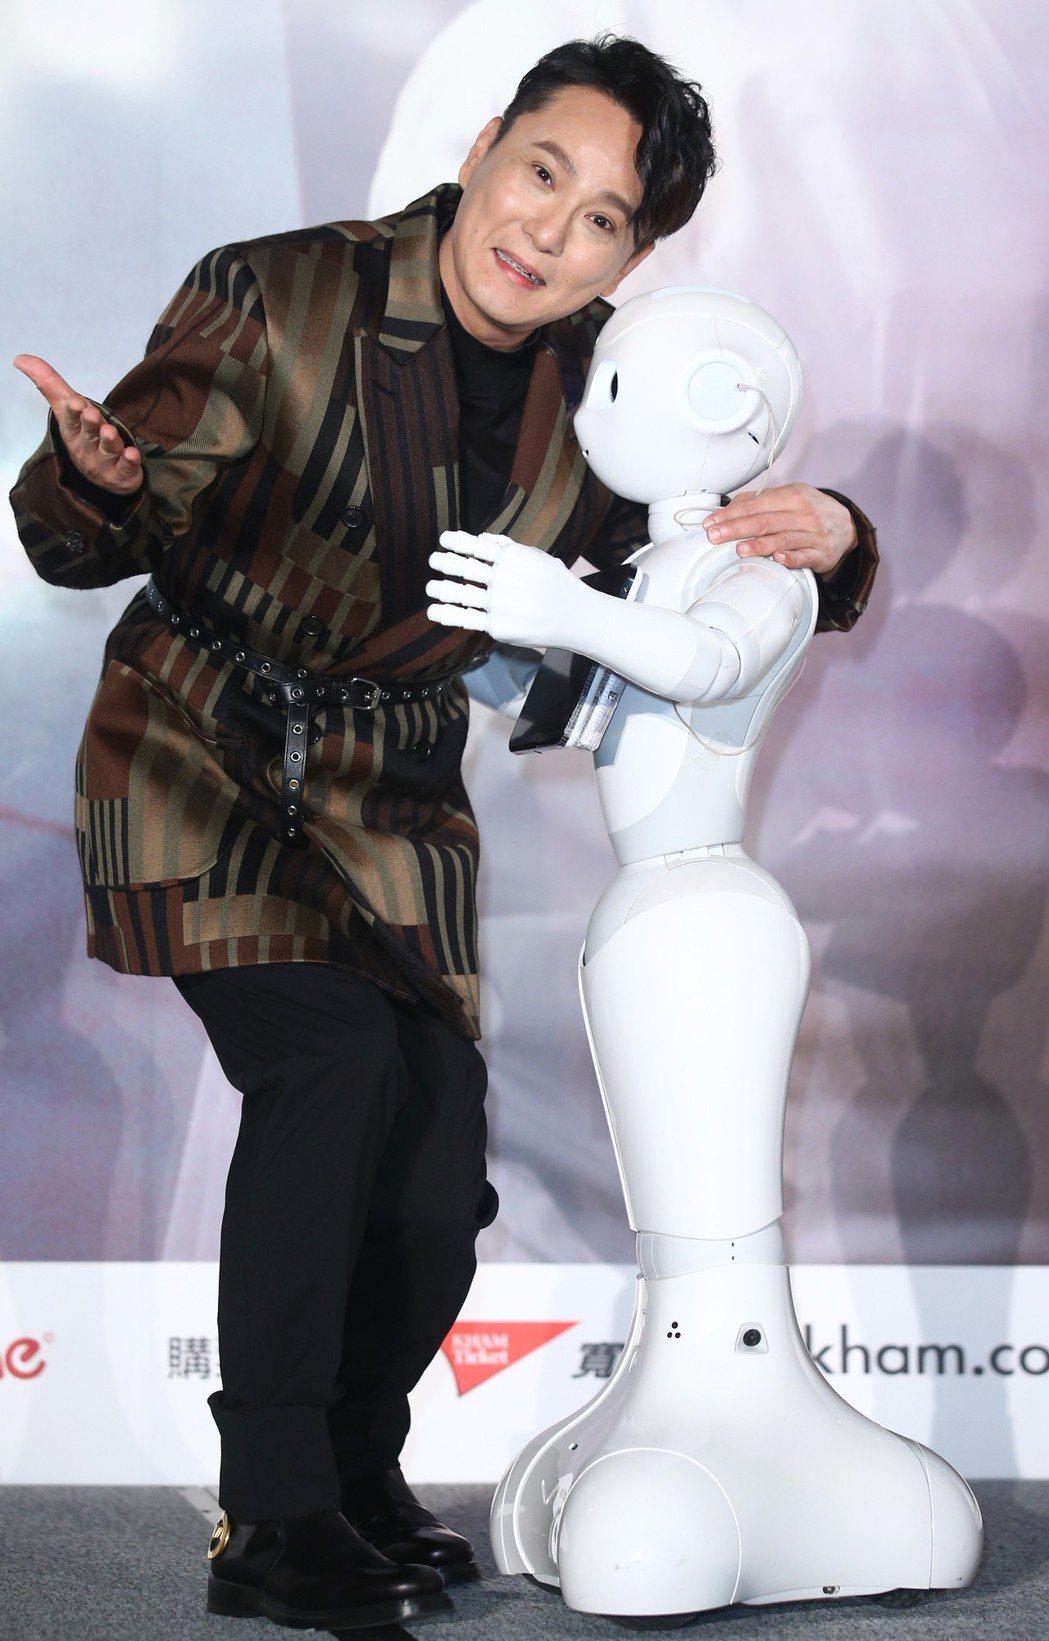 張信哲(左)在「未來式」演唱會記者會,神秘嘉賓機器人Pepper要求「抱緊」處理...